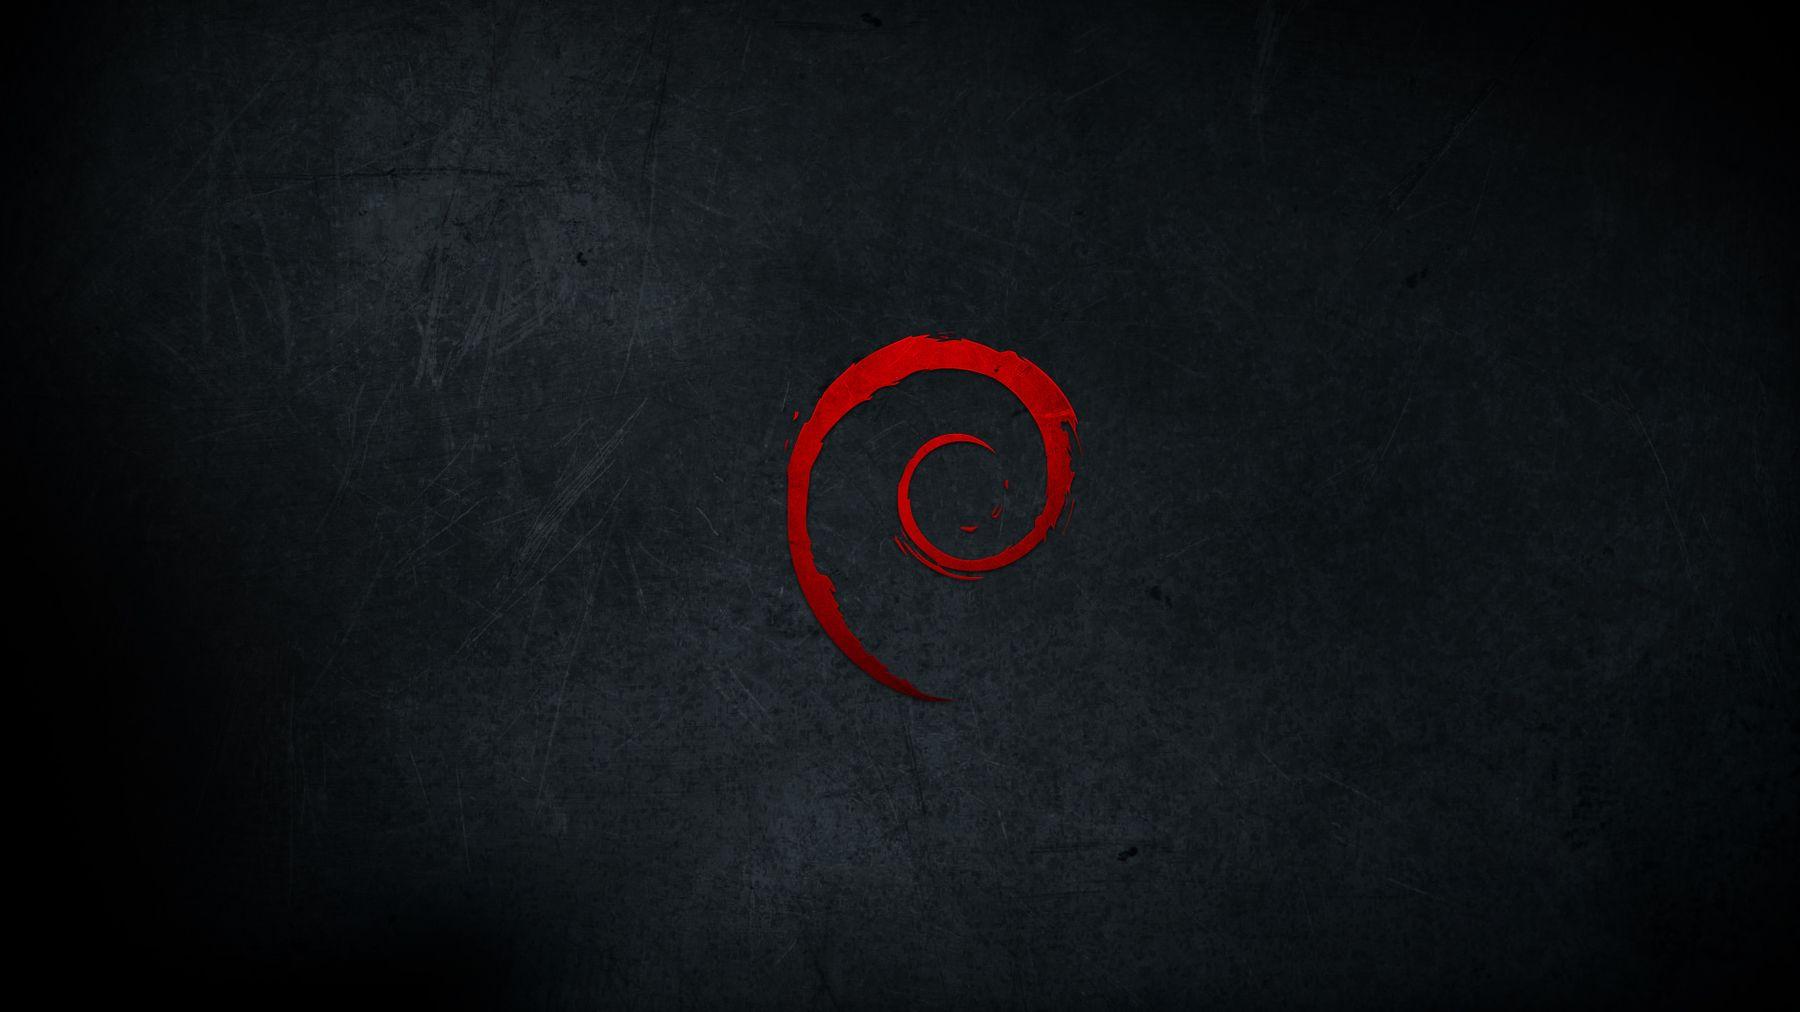 10 years of Debian - Chris Lamb